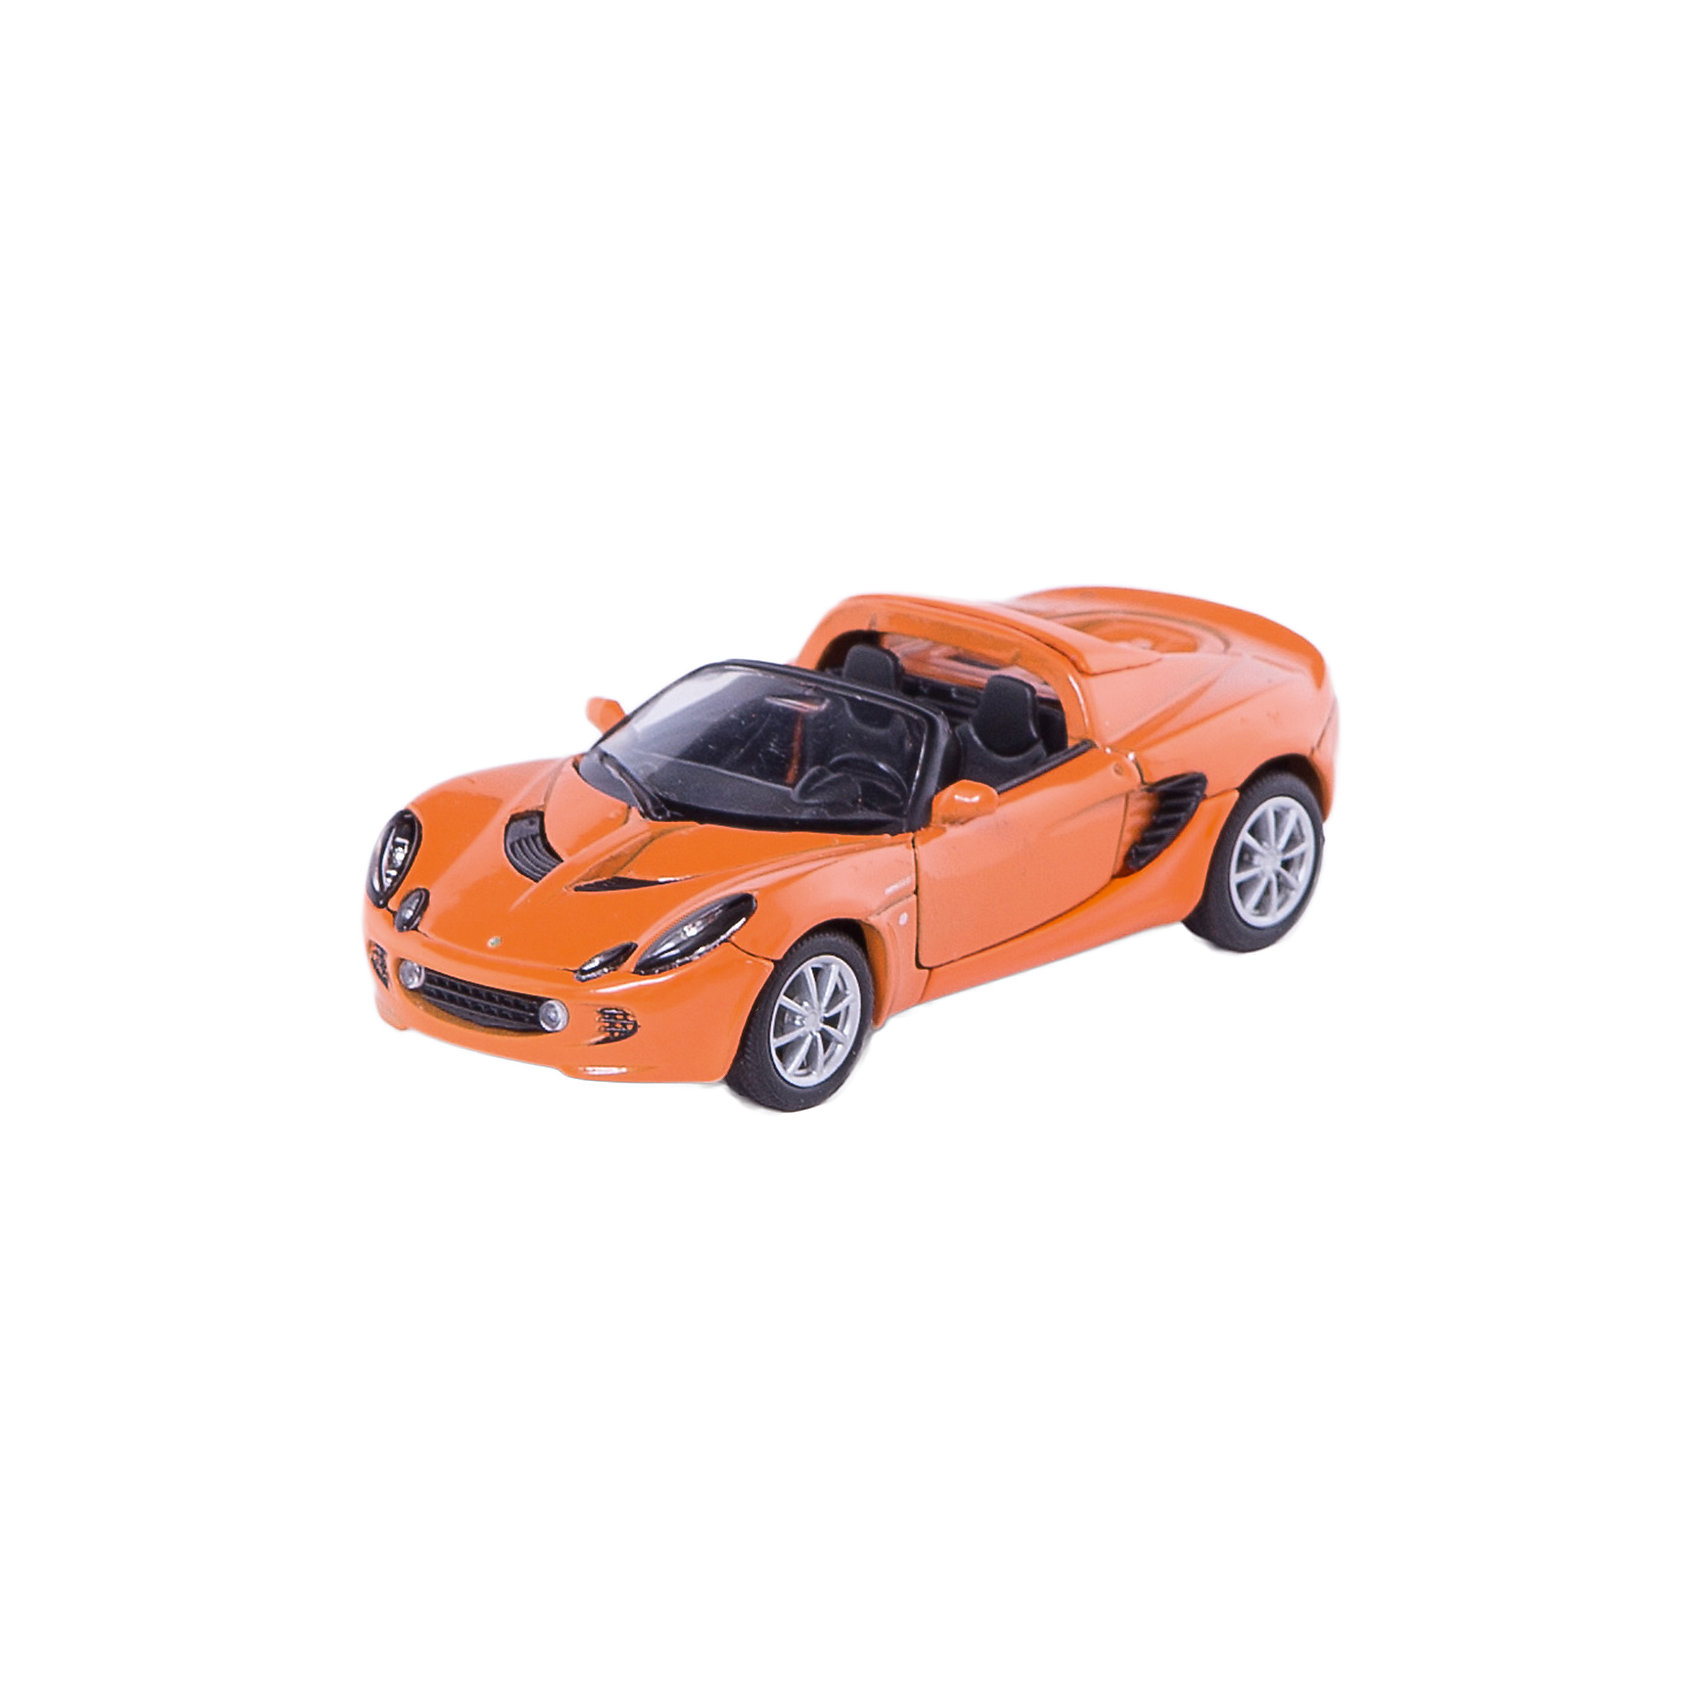 Welly Модель машины 1:34-39 2003 LOTUS ELISE IIISМашинки<br>Welly Модель машины 1:34-39 2003 LOTUS ELISE IIIS<br><br>Характеристика:<br><br>-Размер упаковки: 15х6х12 см<br>-Вес: 0,15 кг<br>-Для мальчиков<br>-Возраст: от 3 лет<br>-Материал: пластик, металл, резина<br>-Цвет: желтый<br>-Бренд: Welly<br>-Производитель: Китай<br><br>Welly Модель машины 1:34-39 2003 LOTUS ELISE IIIS - это настоящий кабриолет в уменьшенной версии. С такой машиной игры для любителя гонок станут интереснее и реалистичнее. Машина привлекает своим блеском и инерционным механизмом. Так же у нее открываются передние двери.<br><br>Welly Модель машины 1:34-39 2003 LOTUS ELISE IIIS можно приобрести в нашем интернет-магазине.<br><br>Ширина мм: 145<br>Глубина мм: 115<br>Высота мм: 60<br>Вес г: 163<br>Возраст от месяцев: 84<br>Возраст до месяцев: 144<br>Пол: Мужской<br>Возраст: Детский<br>SKU: 2150126